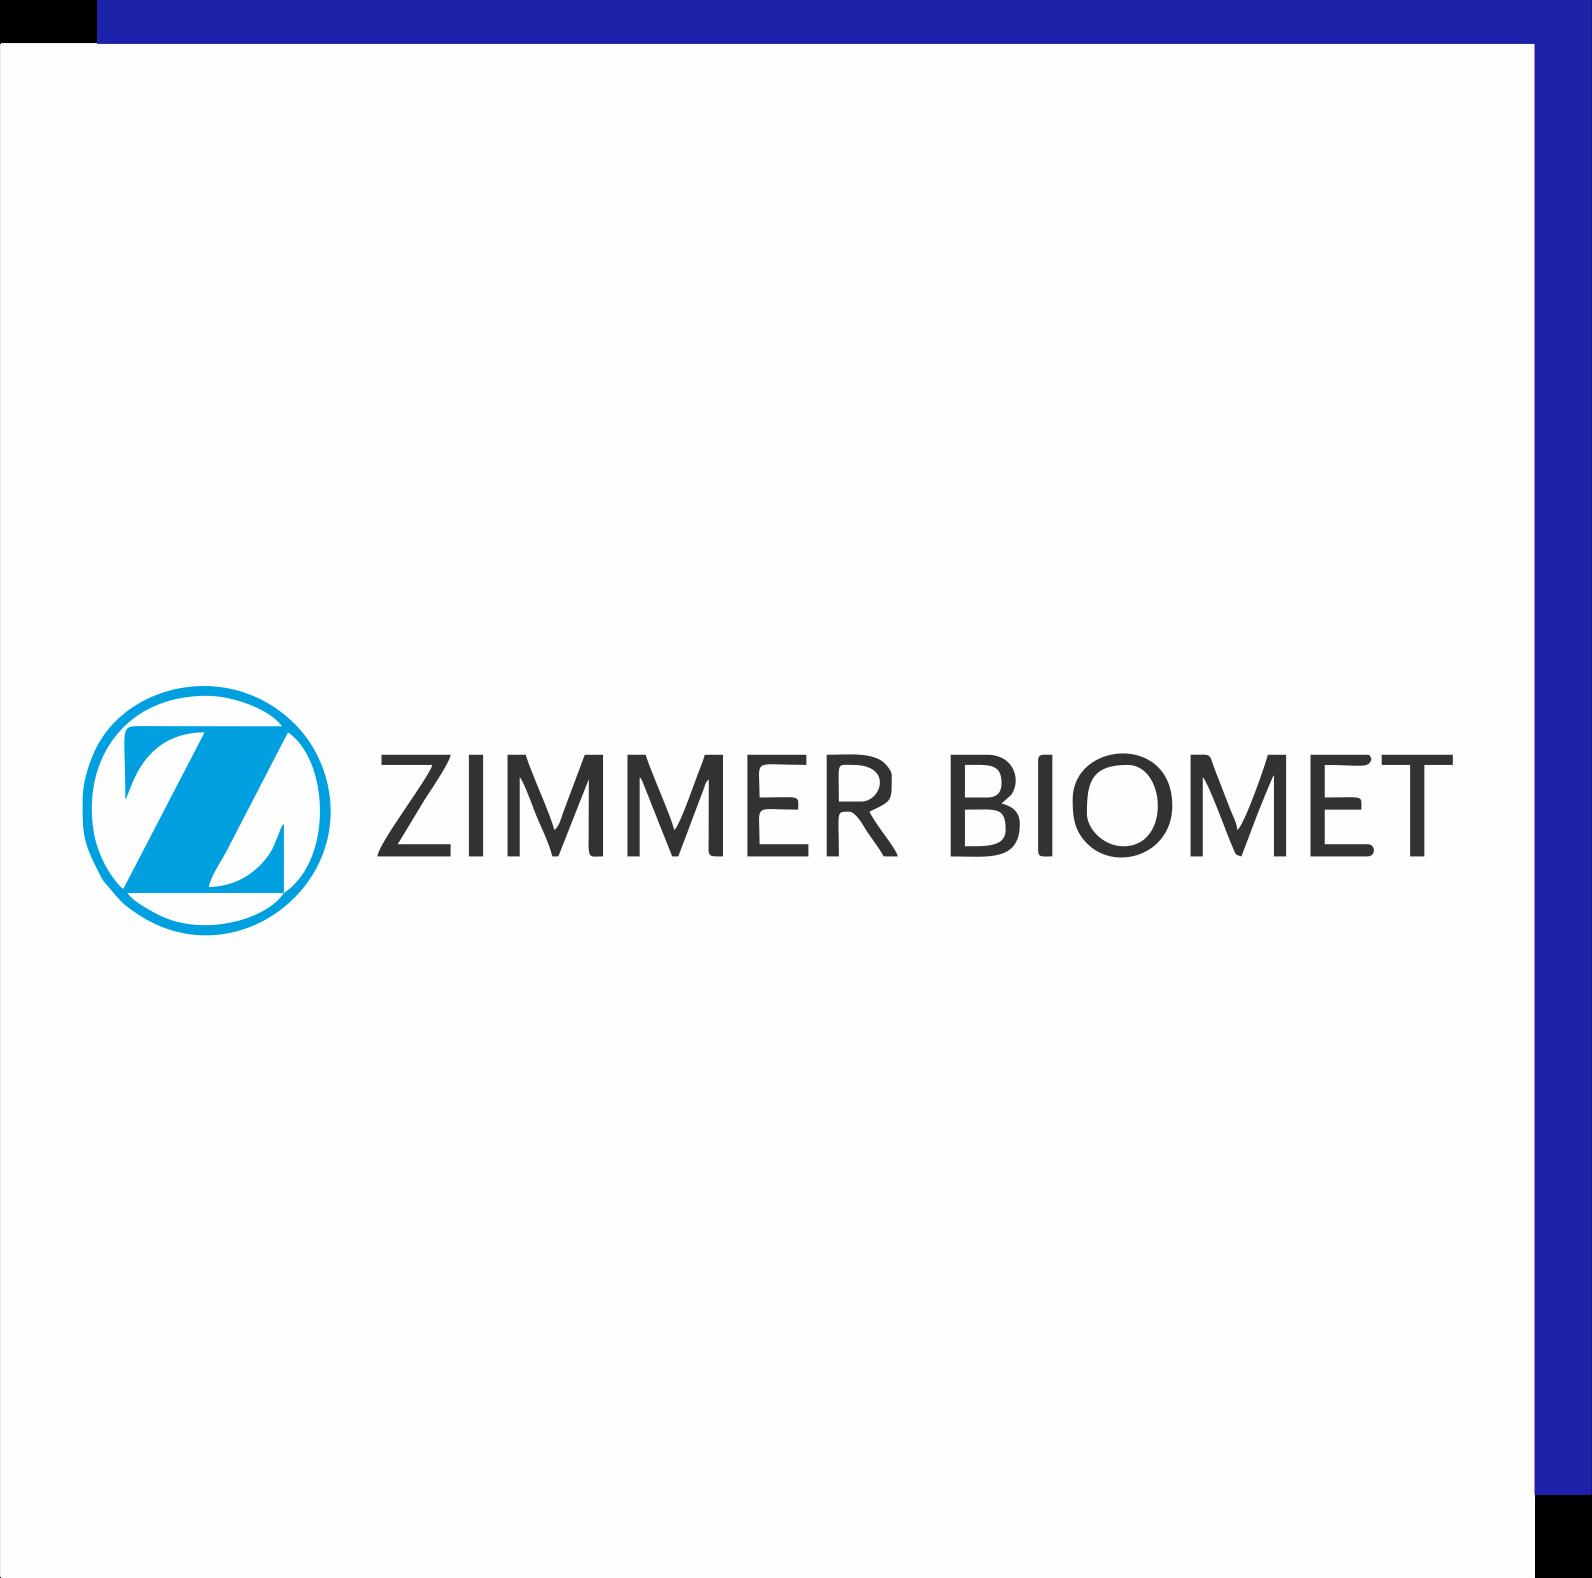 Emzor Hesco - Zimmer Biomet